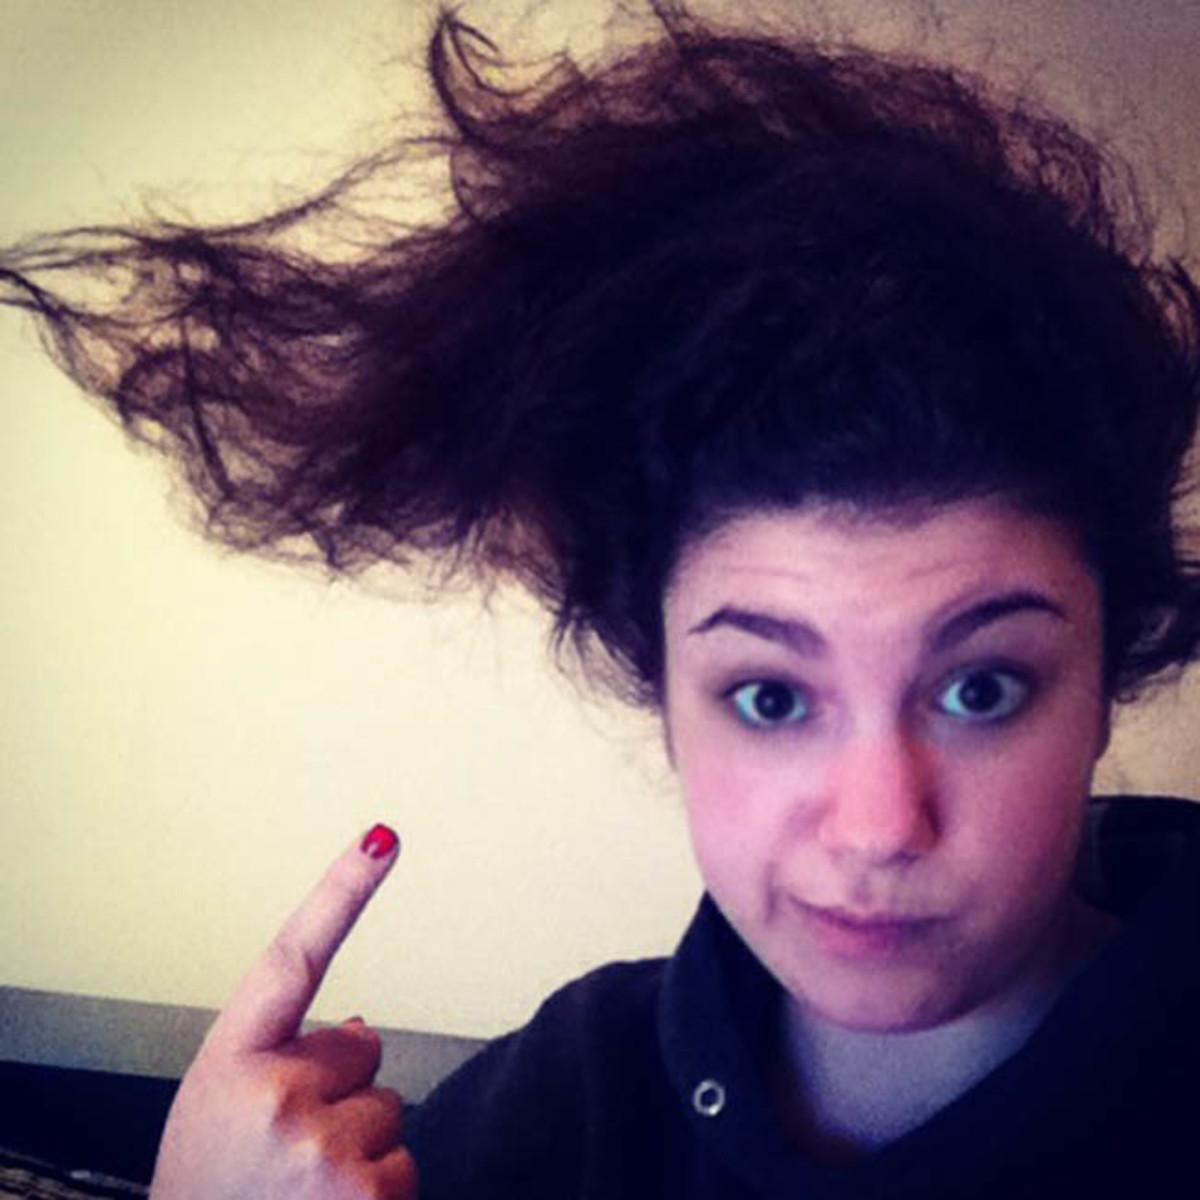 Crazy curls (Rikki)